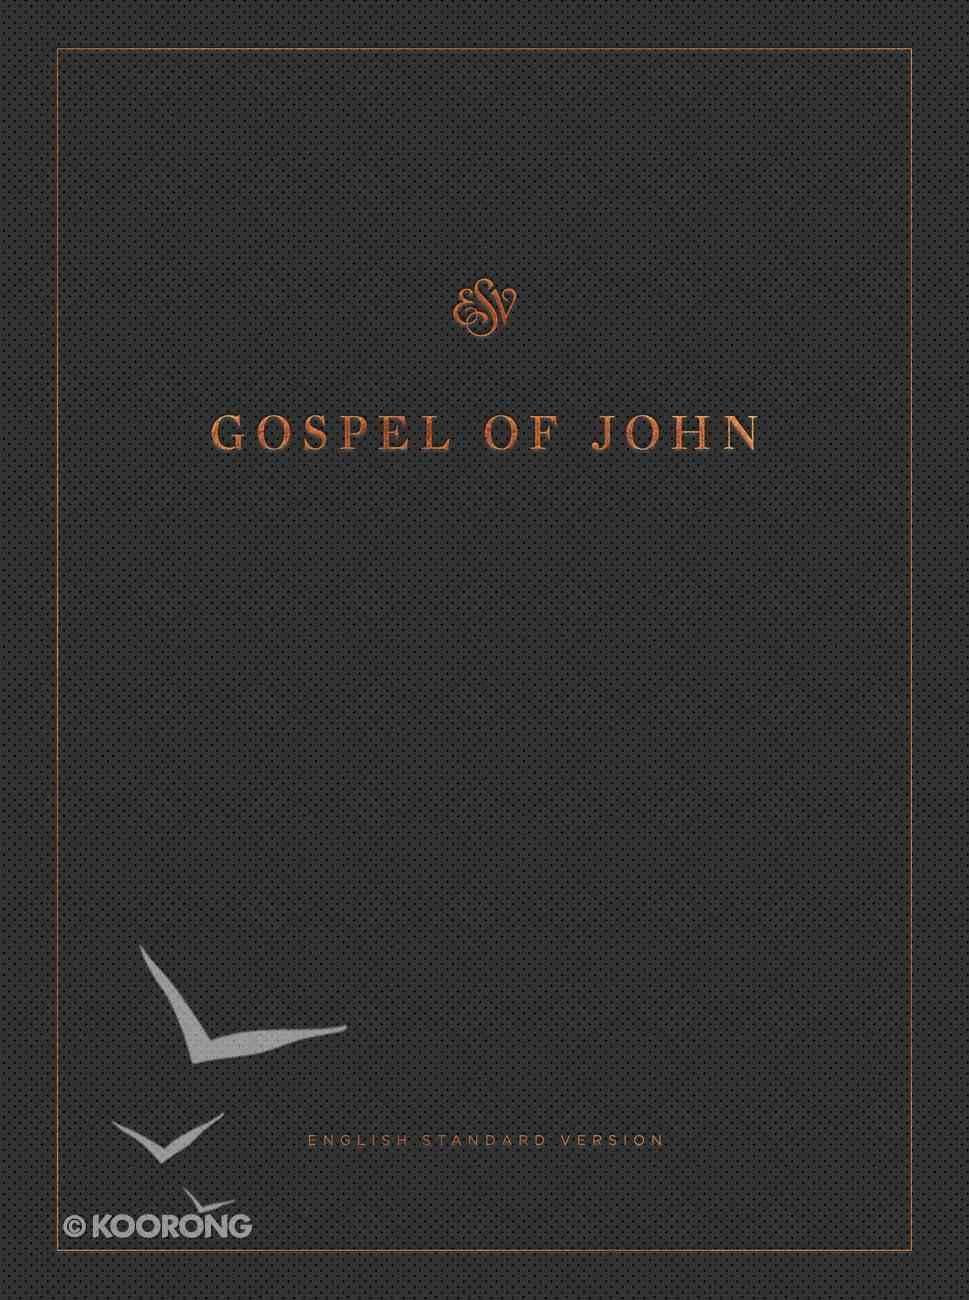 ESV Gospel of John Reader's Edition Large Print (Black Letter Edition) Paperback